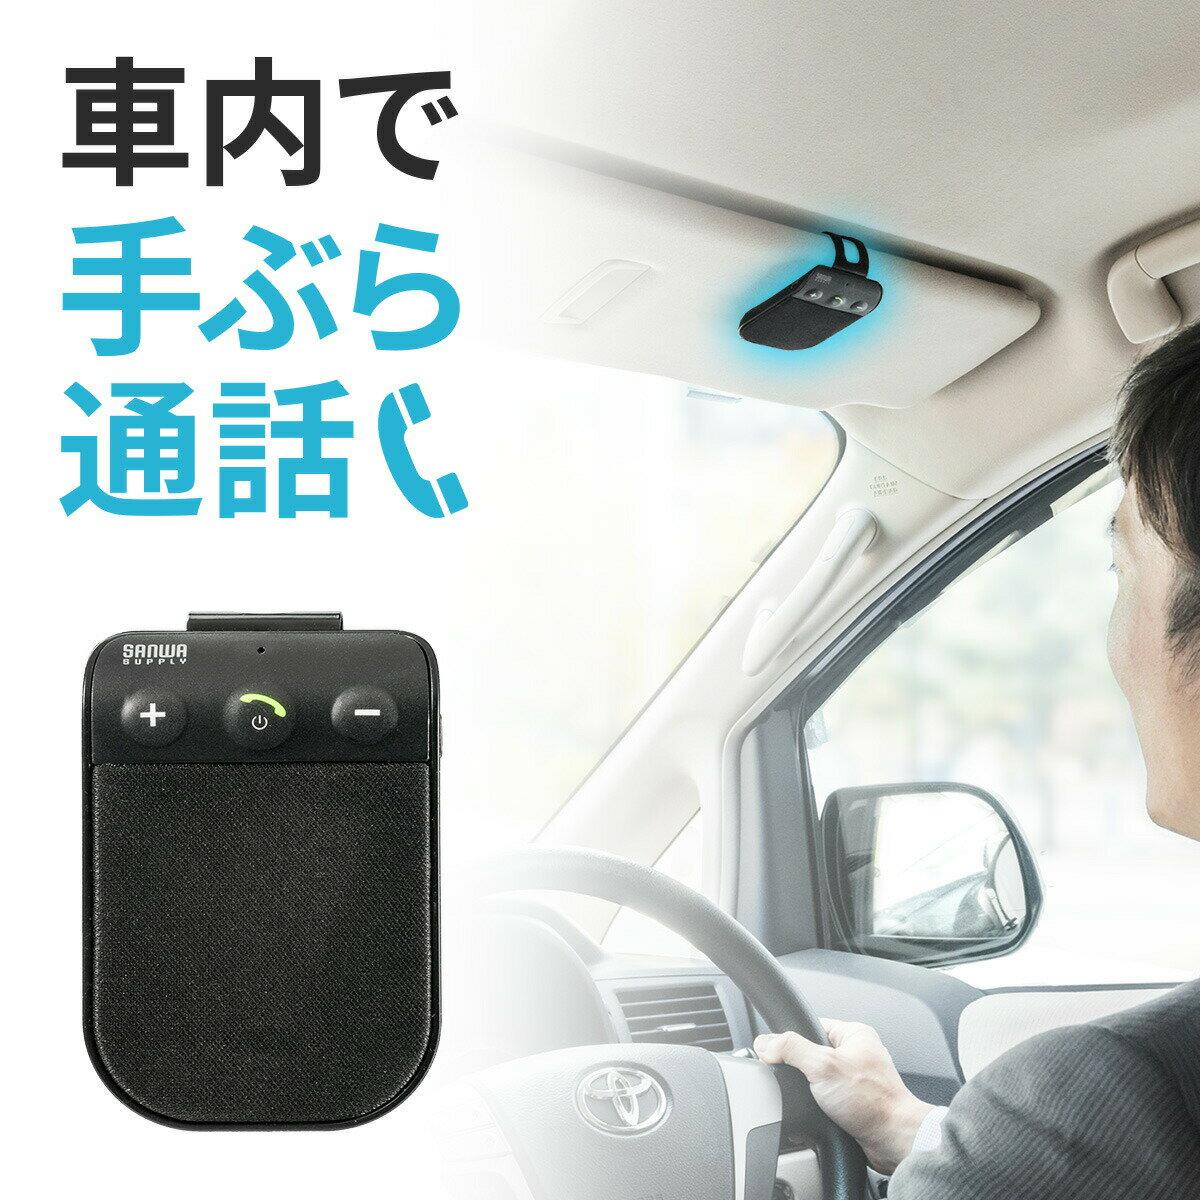 車載Bluetoothハンズフリーキット iPhone X・iPhone 8・スマートフォン対応 振動検知搭載 通話・音楽対応 ブルートゥース[400-BTCAR001]【サンワダイレクト限定品】【送料無料】